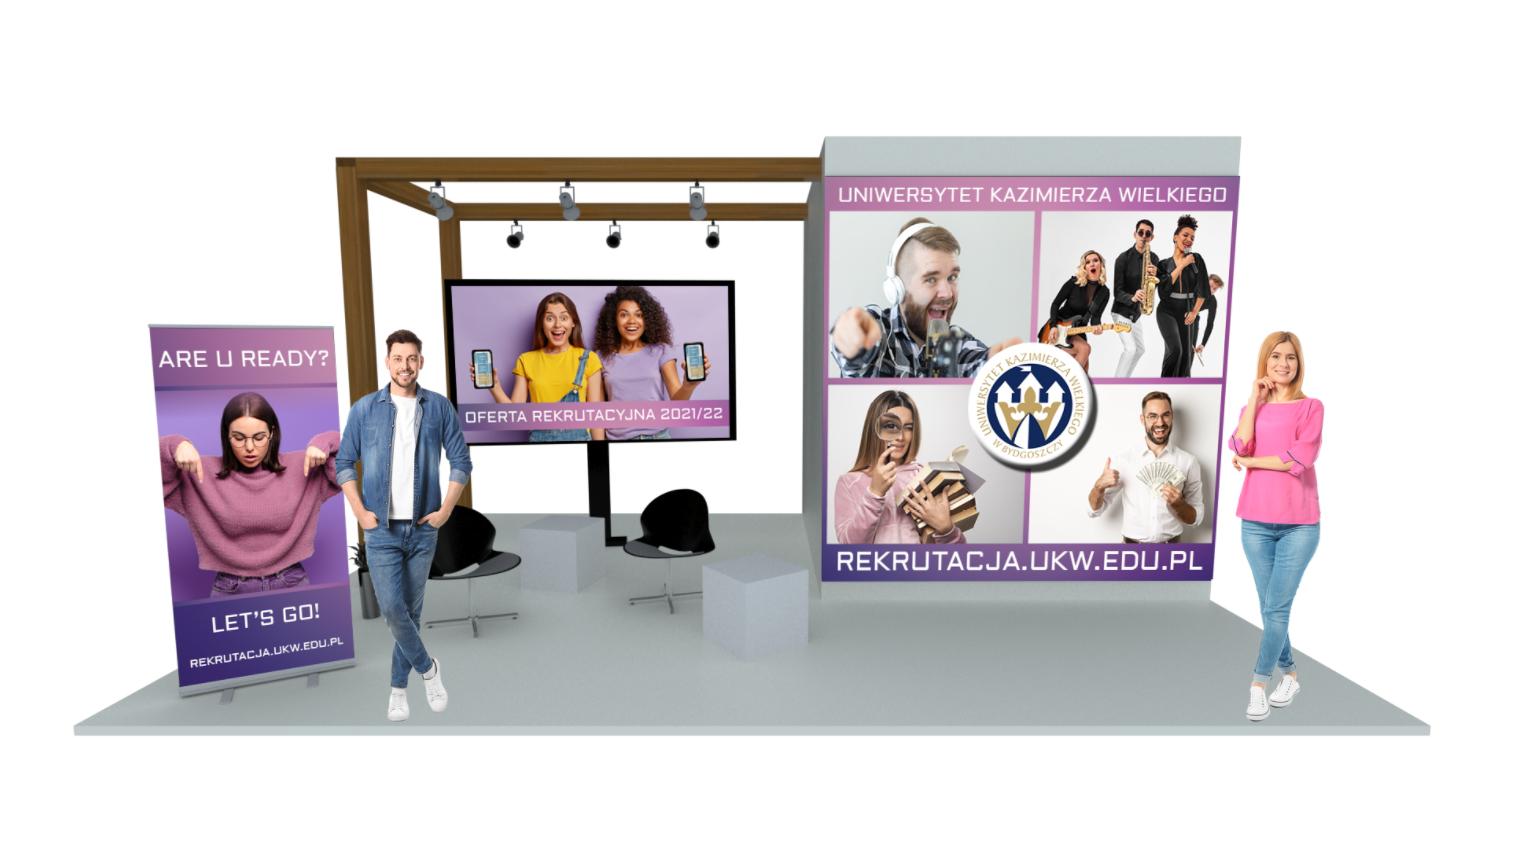 Wirtualne stoisko UKW